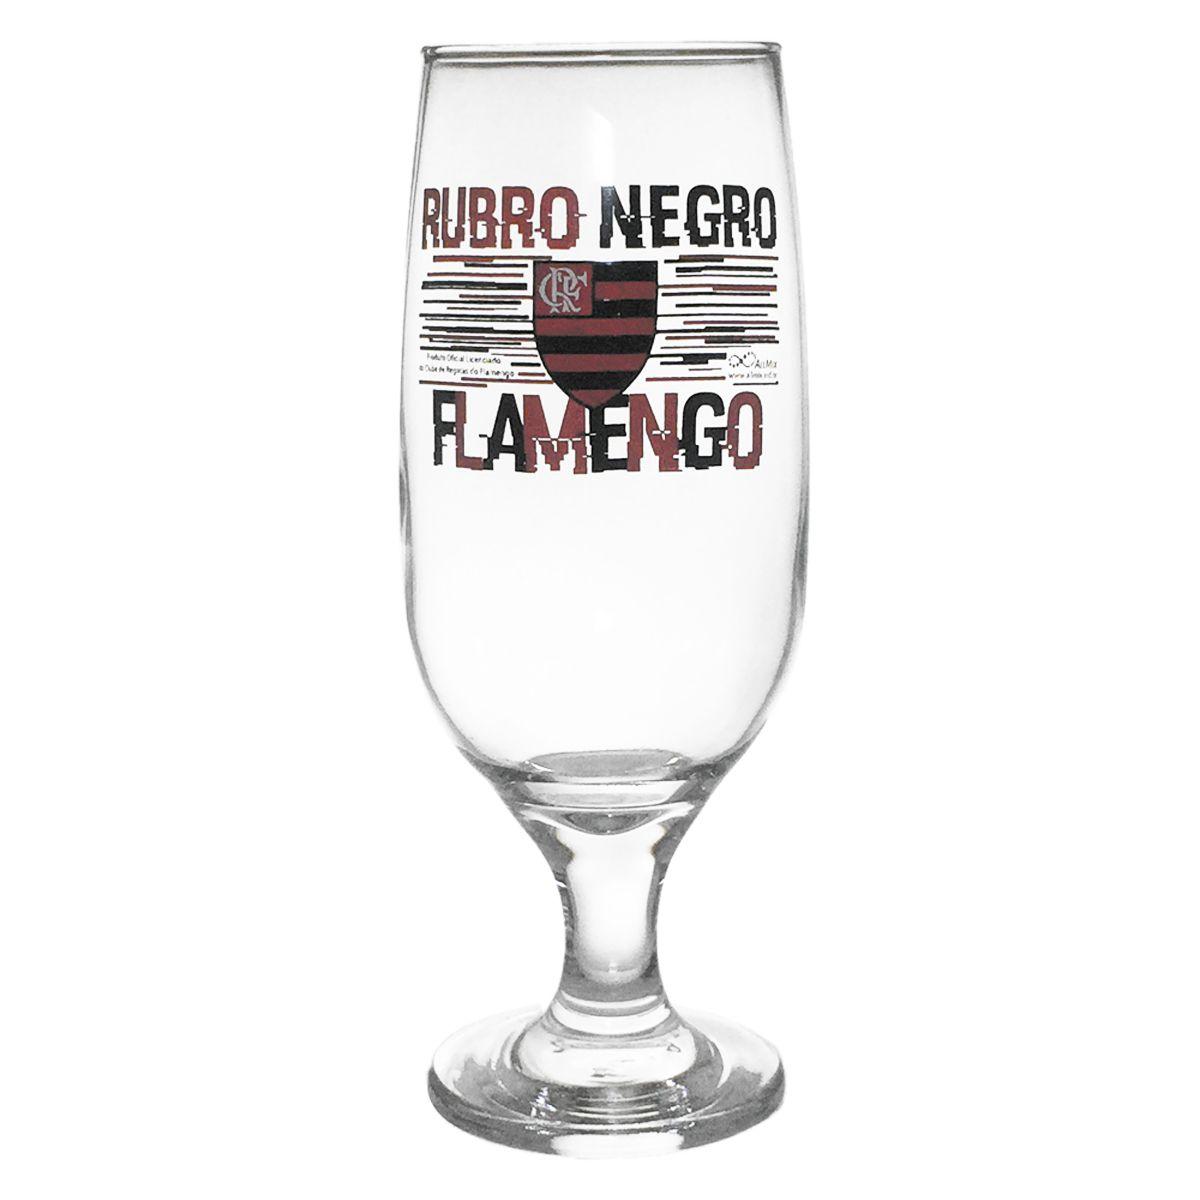 Taça de Cerveja do Flamengo 300 ml em Caixa Personalizada